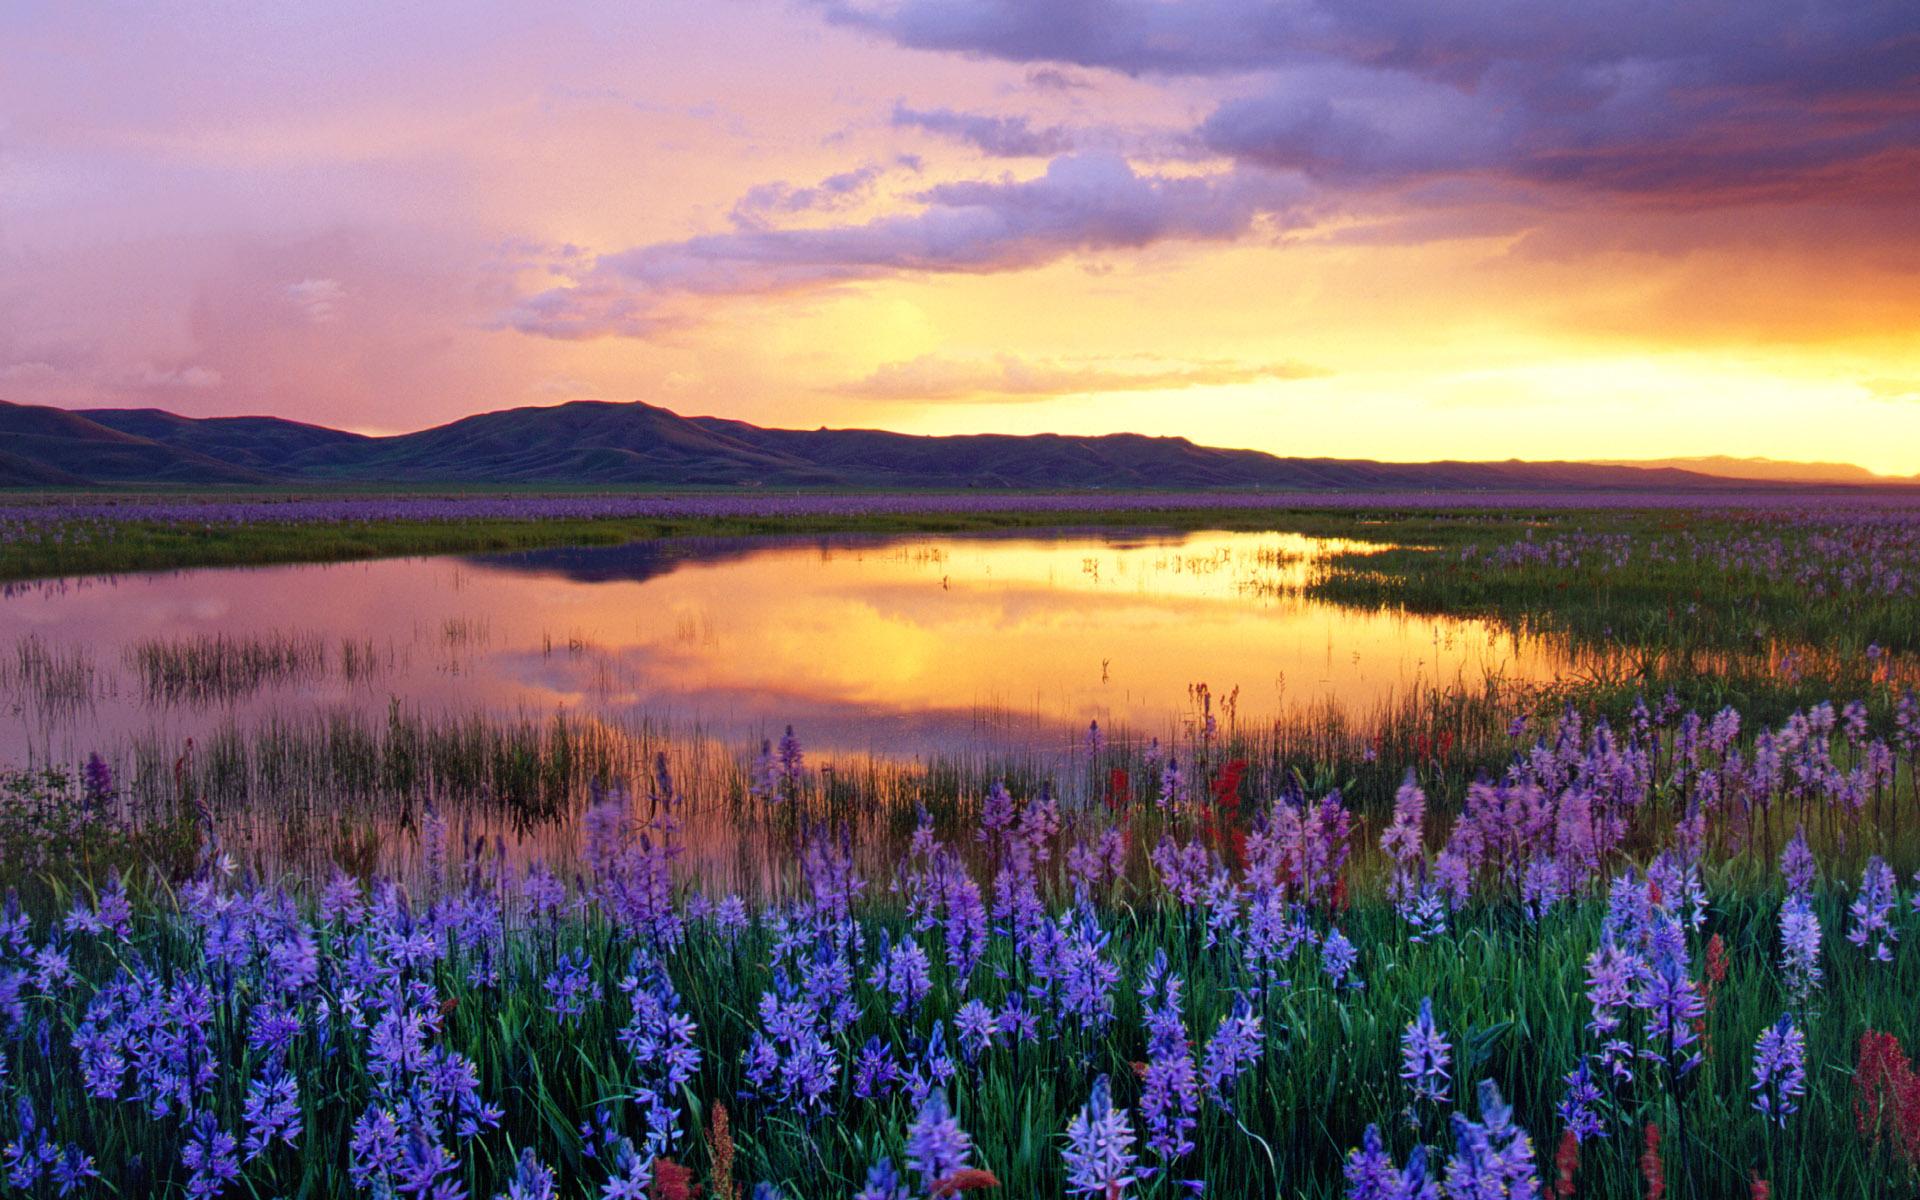 Комплименты, картинки поля с цветами и речкой